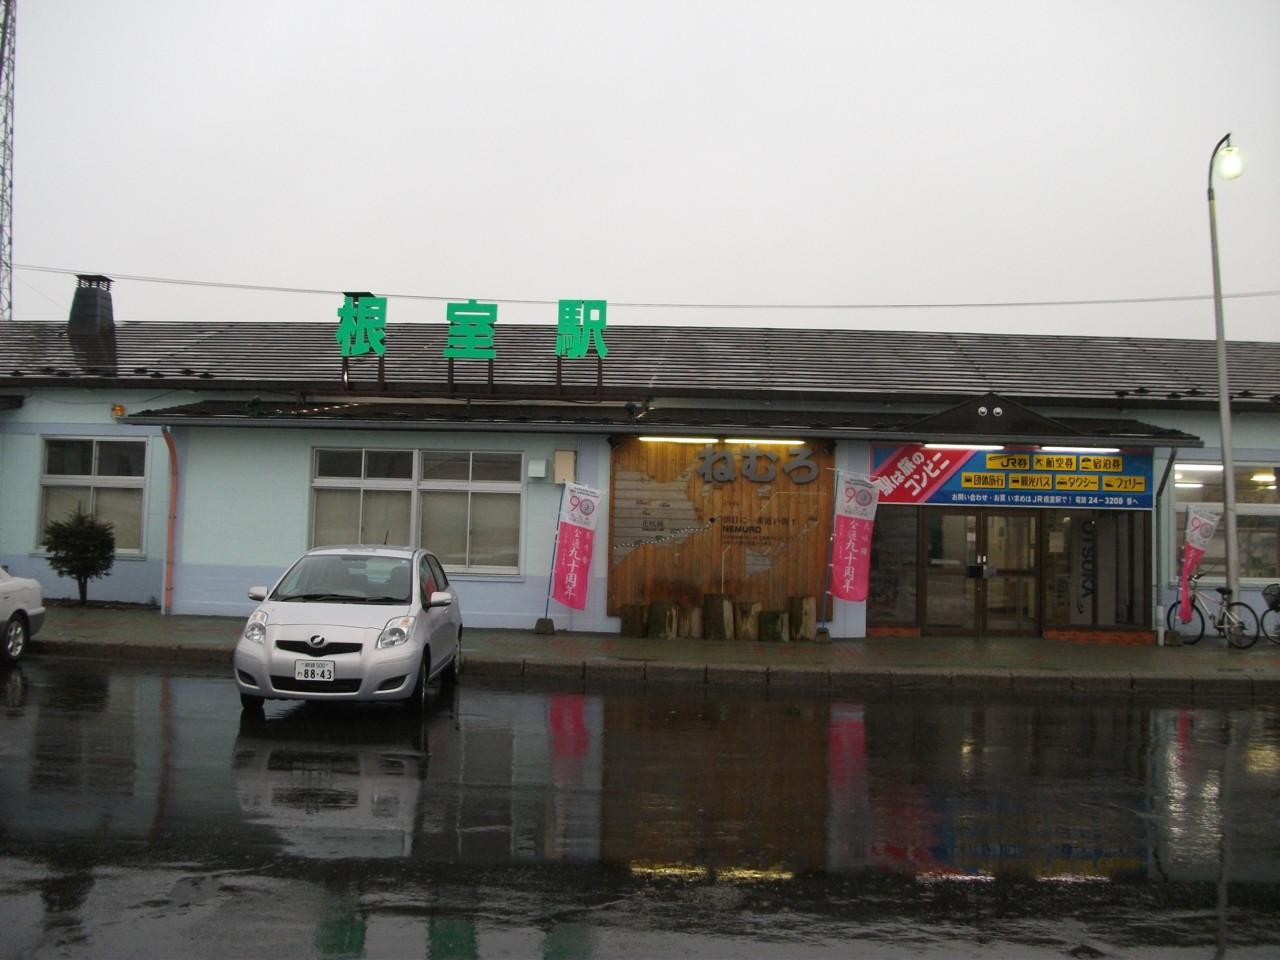 個別「[根室] 根室駅」の写真、画像 - ドライブ - uruya's fotolife